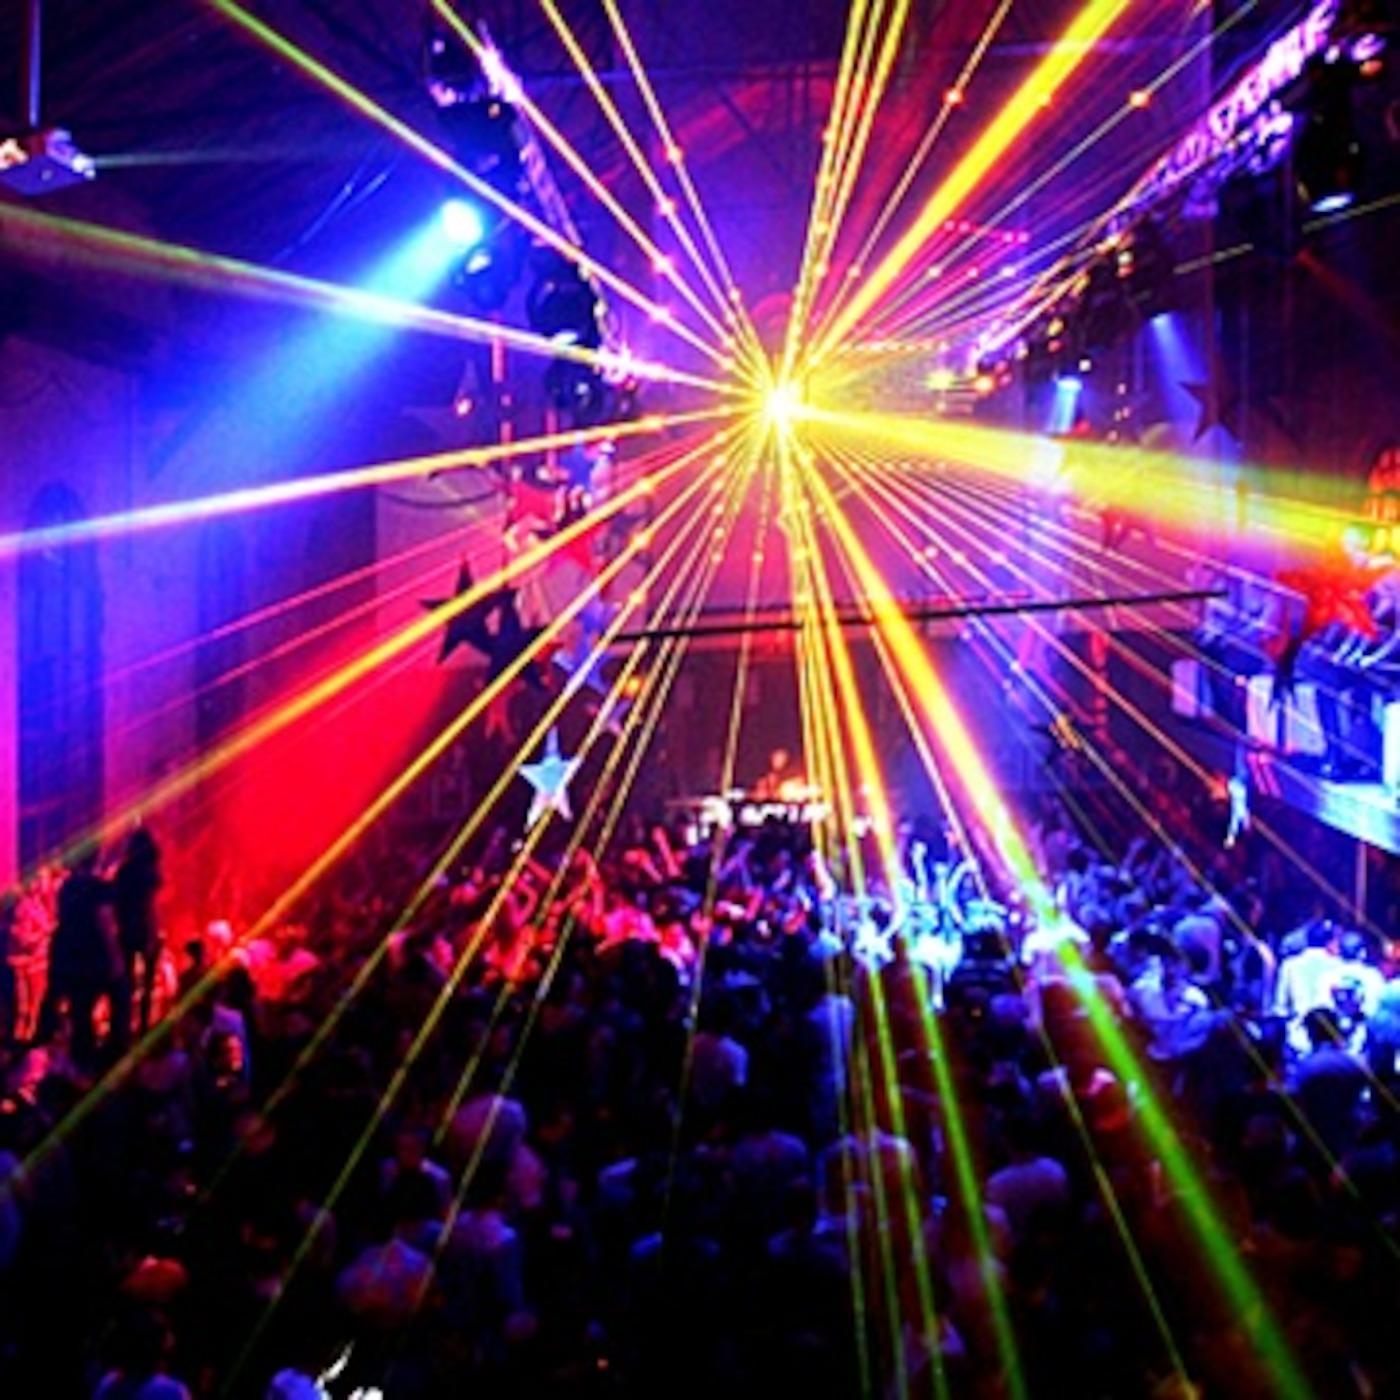 Света корда в клубе 5 фотография